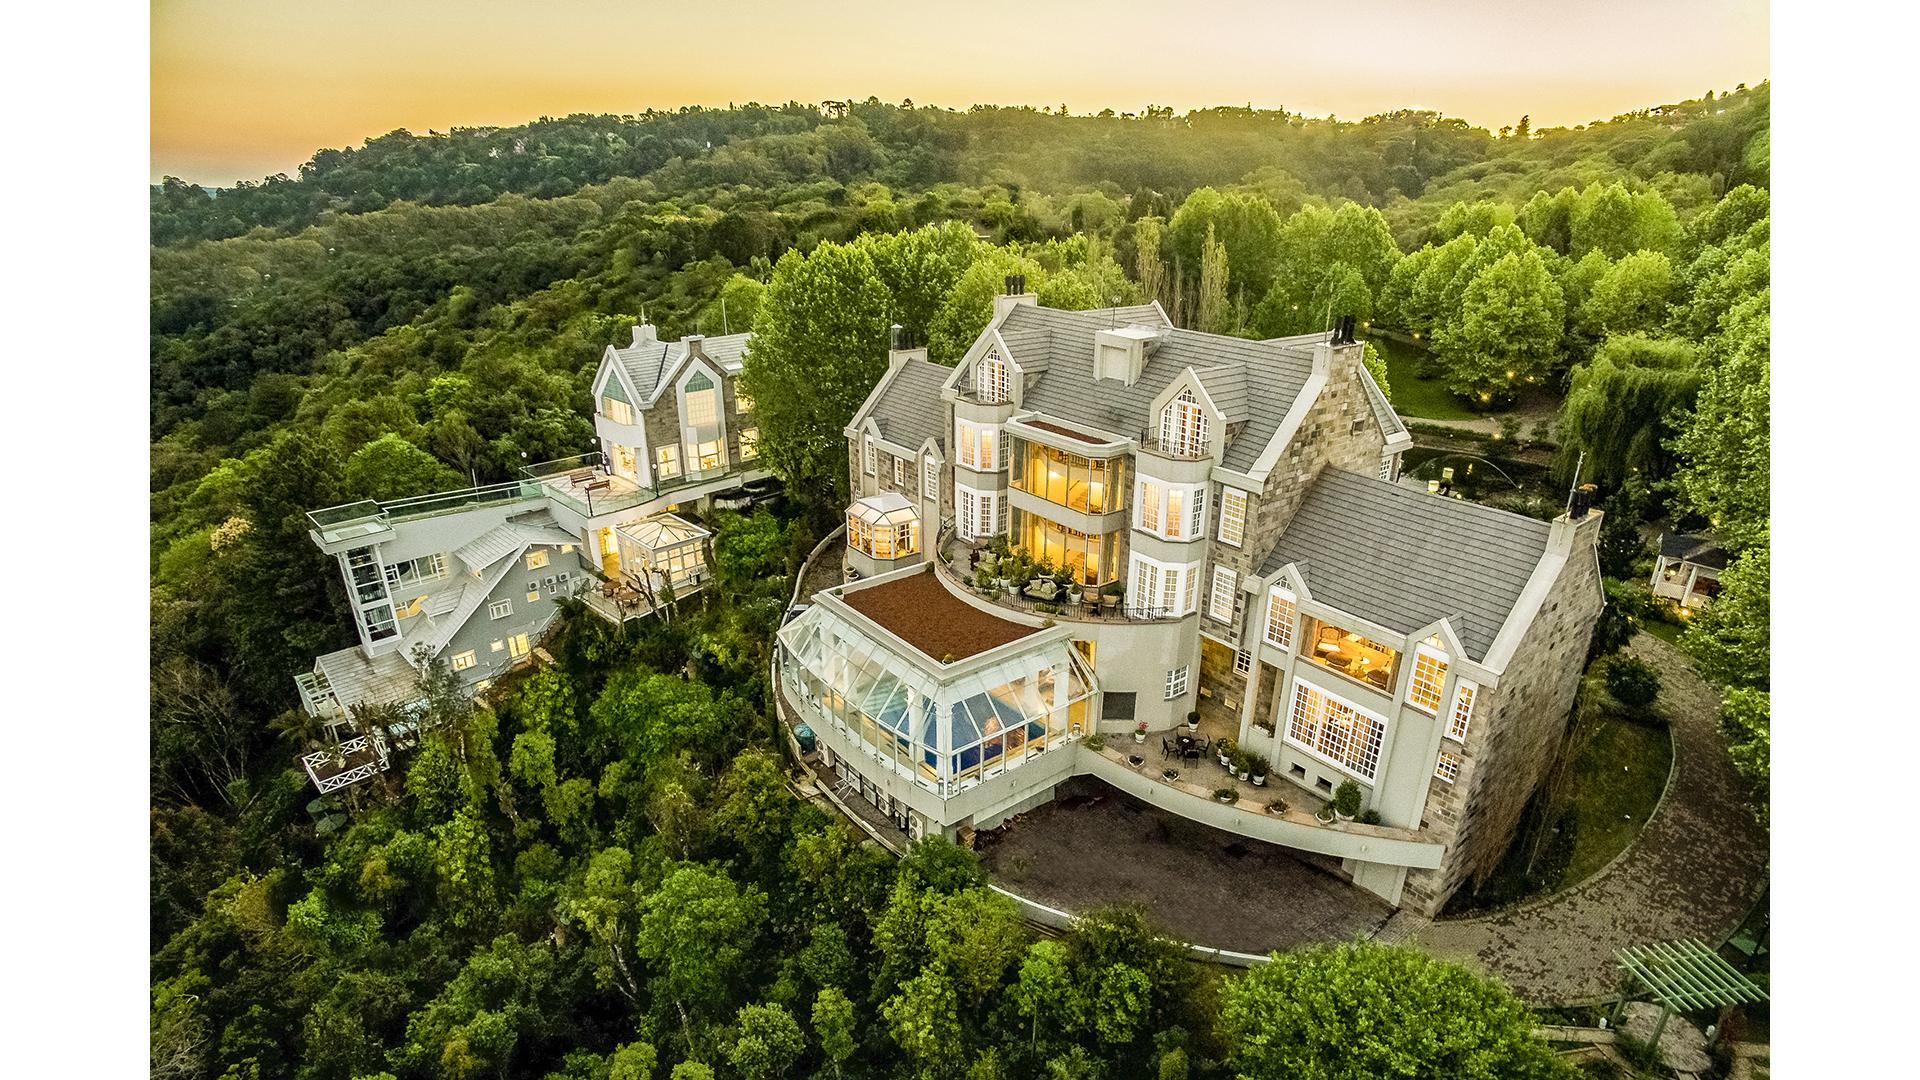 Castelo Saint Andrews fica localizado no meio das montanhas, com visão para o Vale do Quilombo